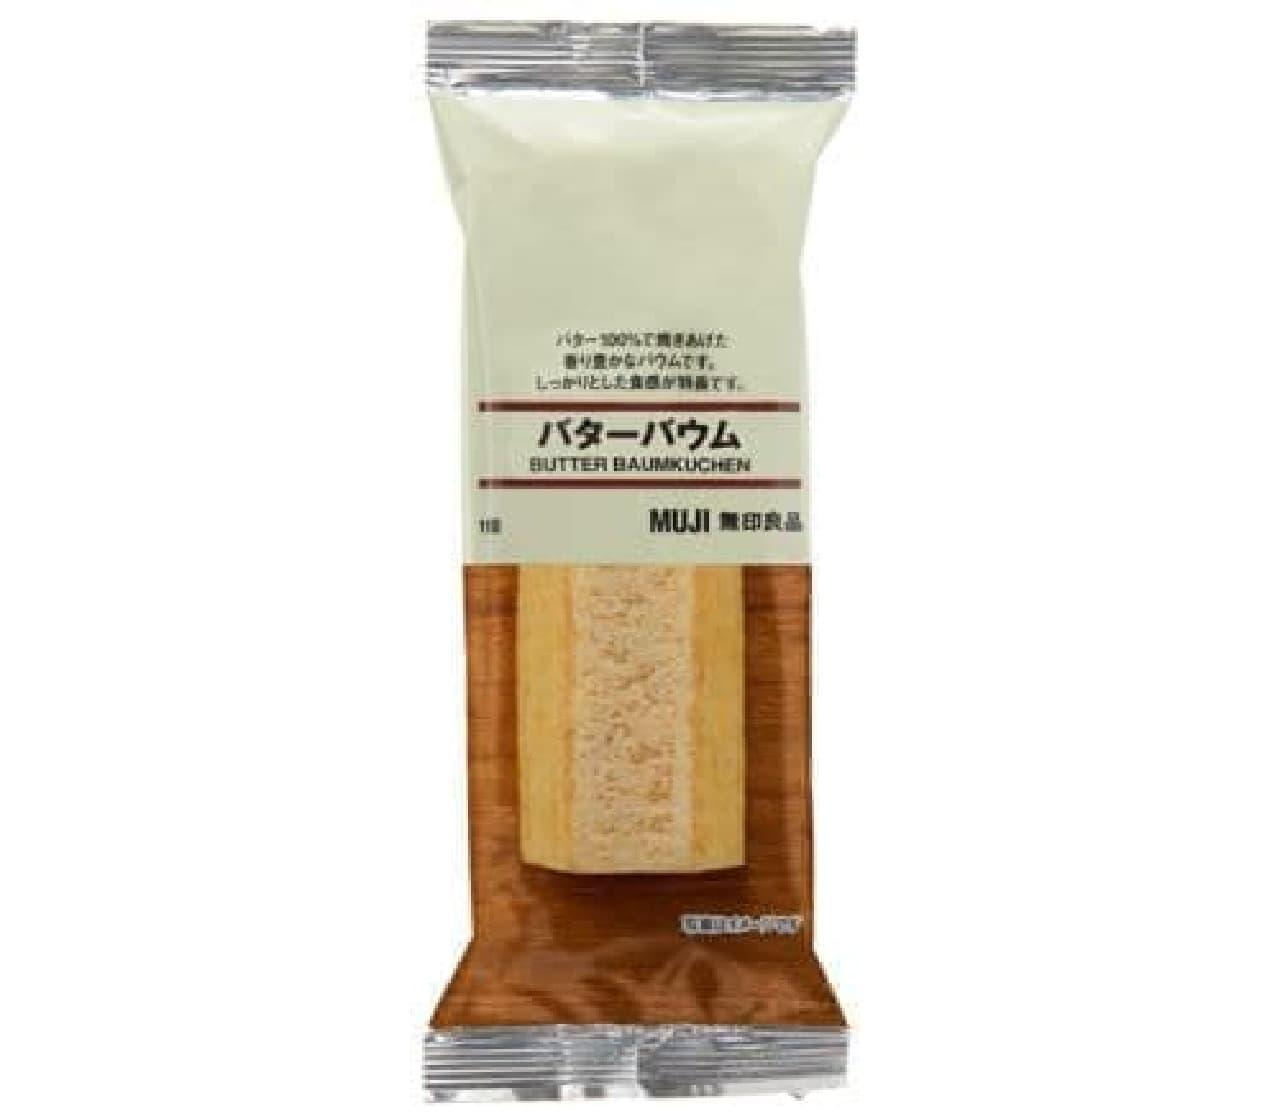 無印良品の「バターバウム」はしっかりとした食感とコクが特徴